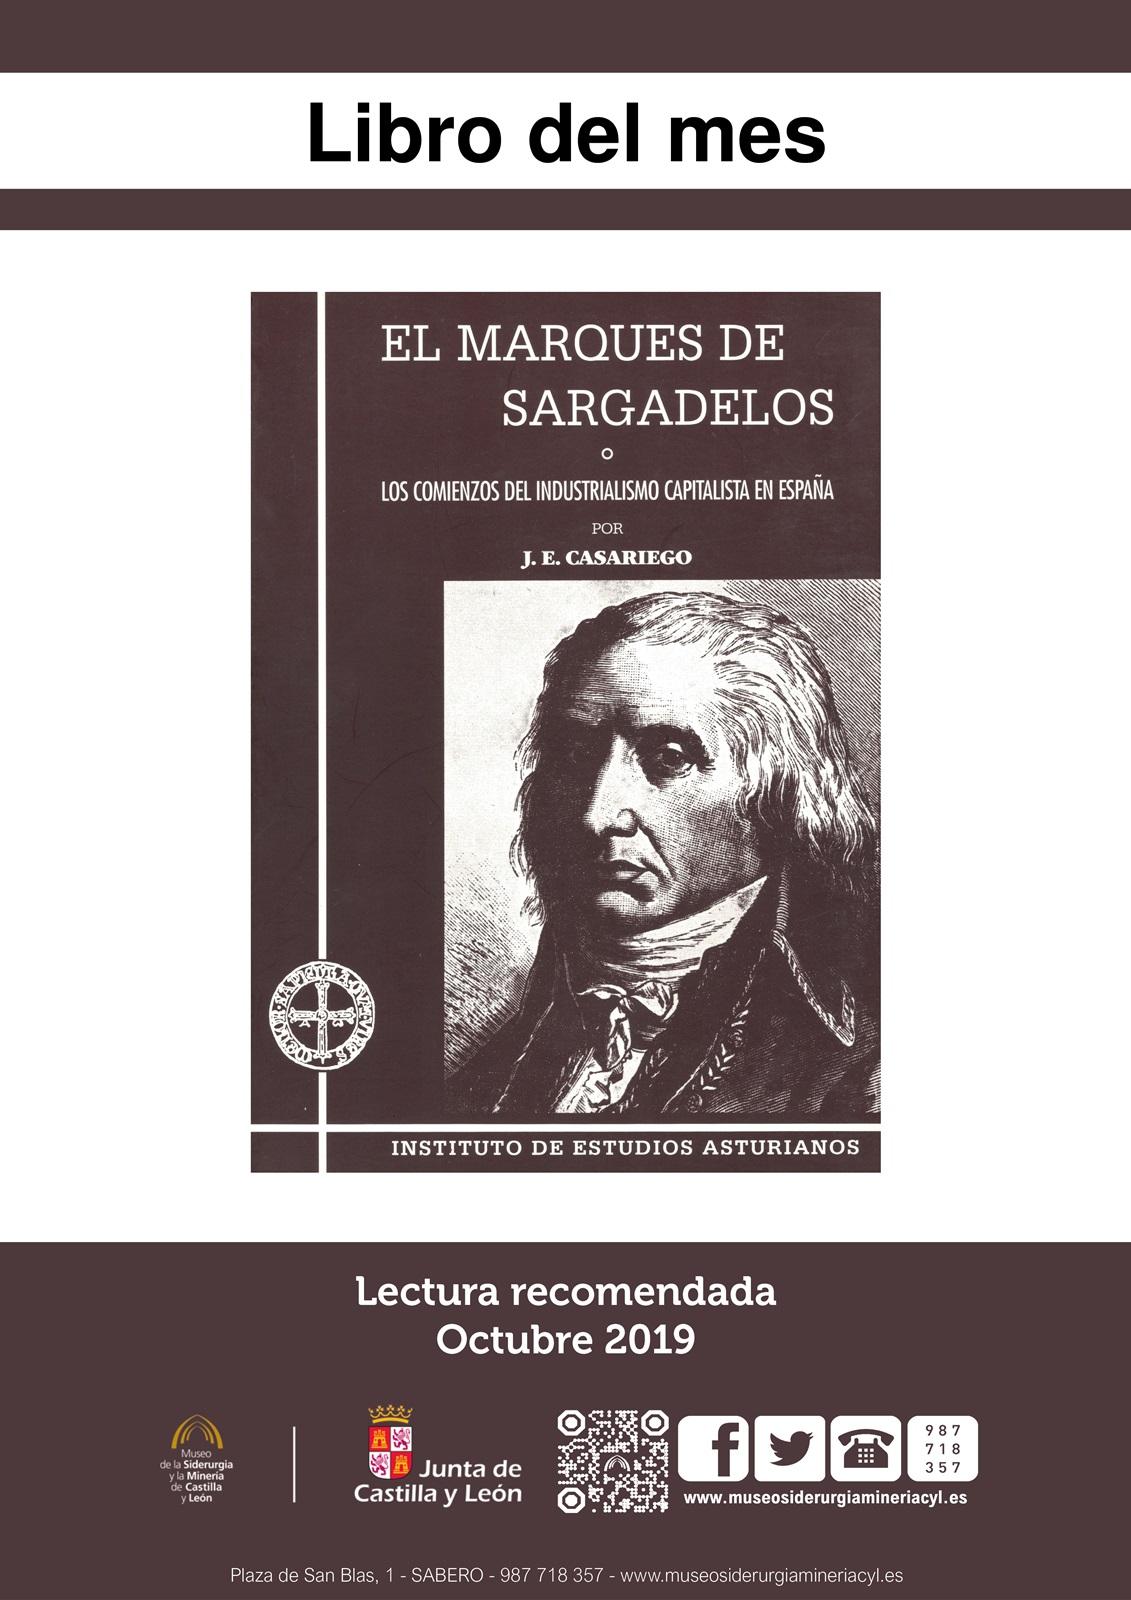 """LIBRO DEL MES: EL MARQUÉS DE SARGADELOS, O LOS COMIENZOS...."""". EJEMPLAR PRESTADO TEMPORALMENTE POR EL MUSEO."""